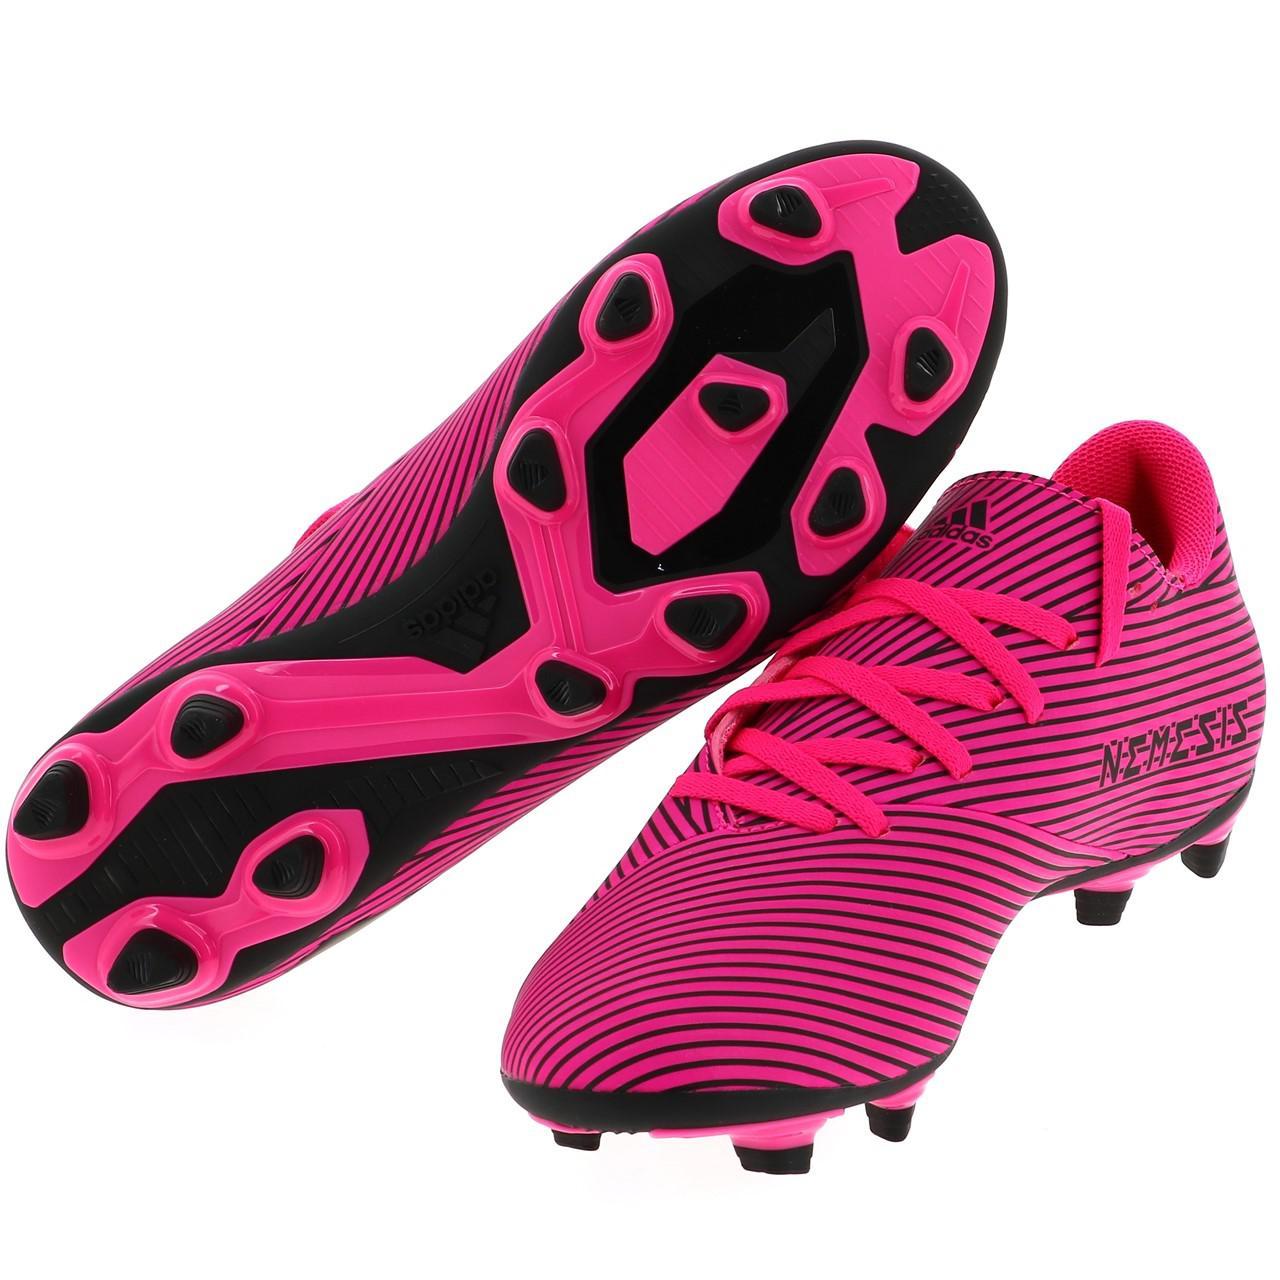 Football-Shoes-Flap-Adidas-Nemeziz-19-4-Fxg-Pink-48290-New thumbnail 5